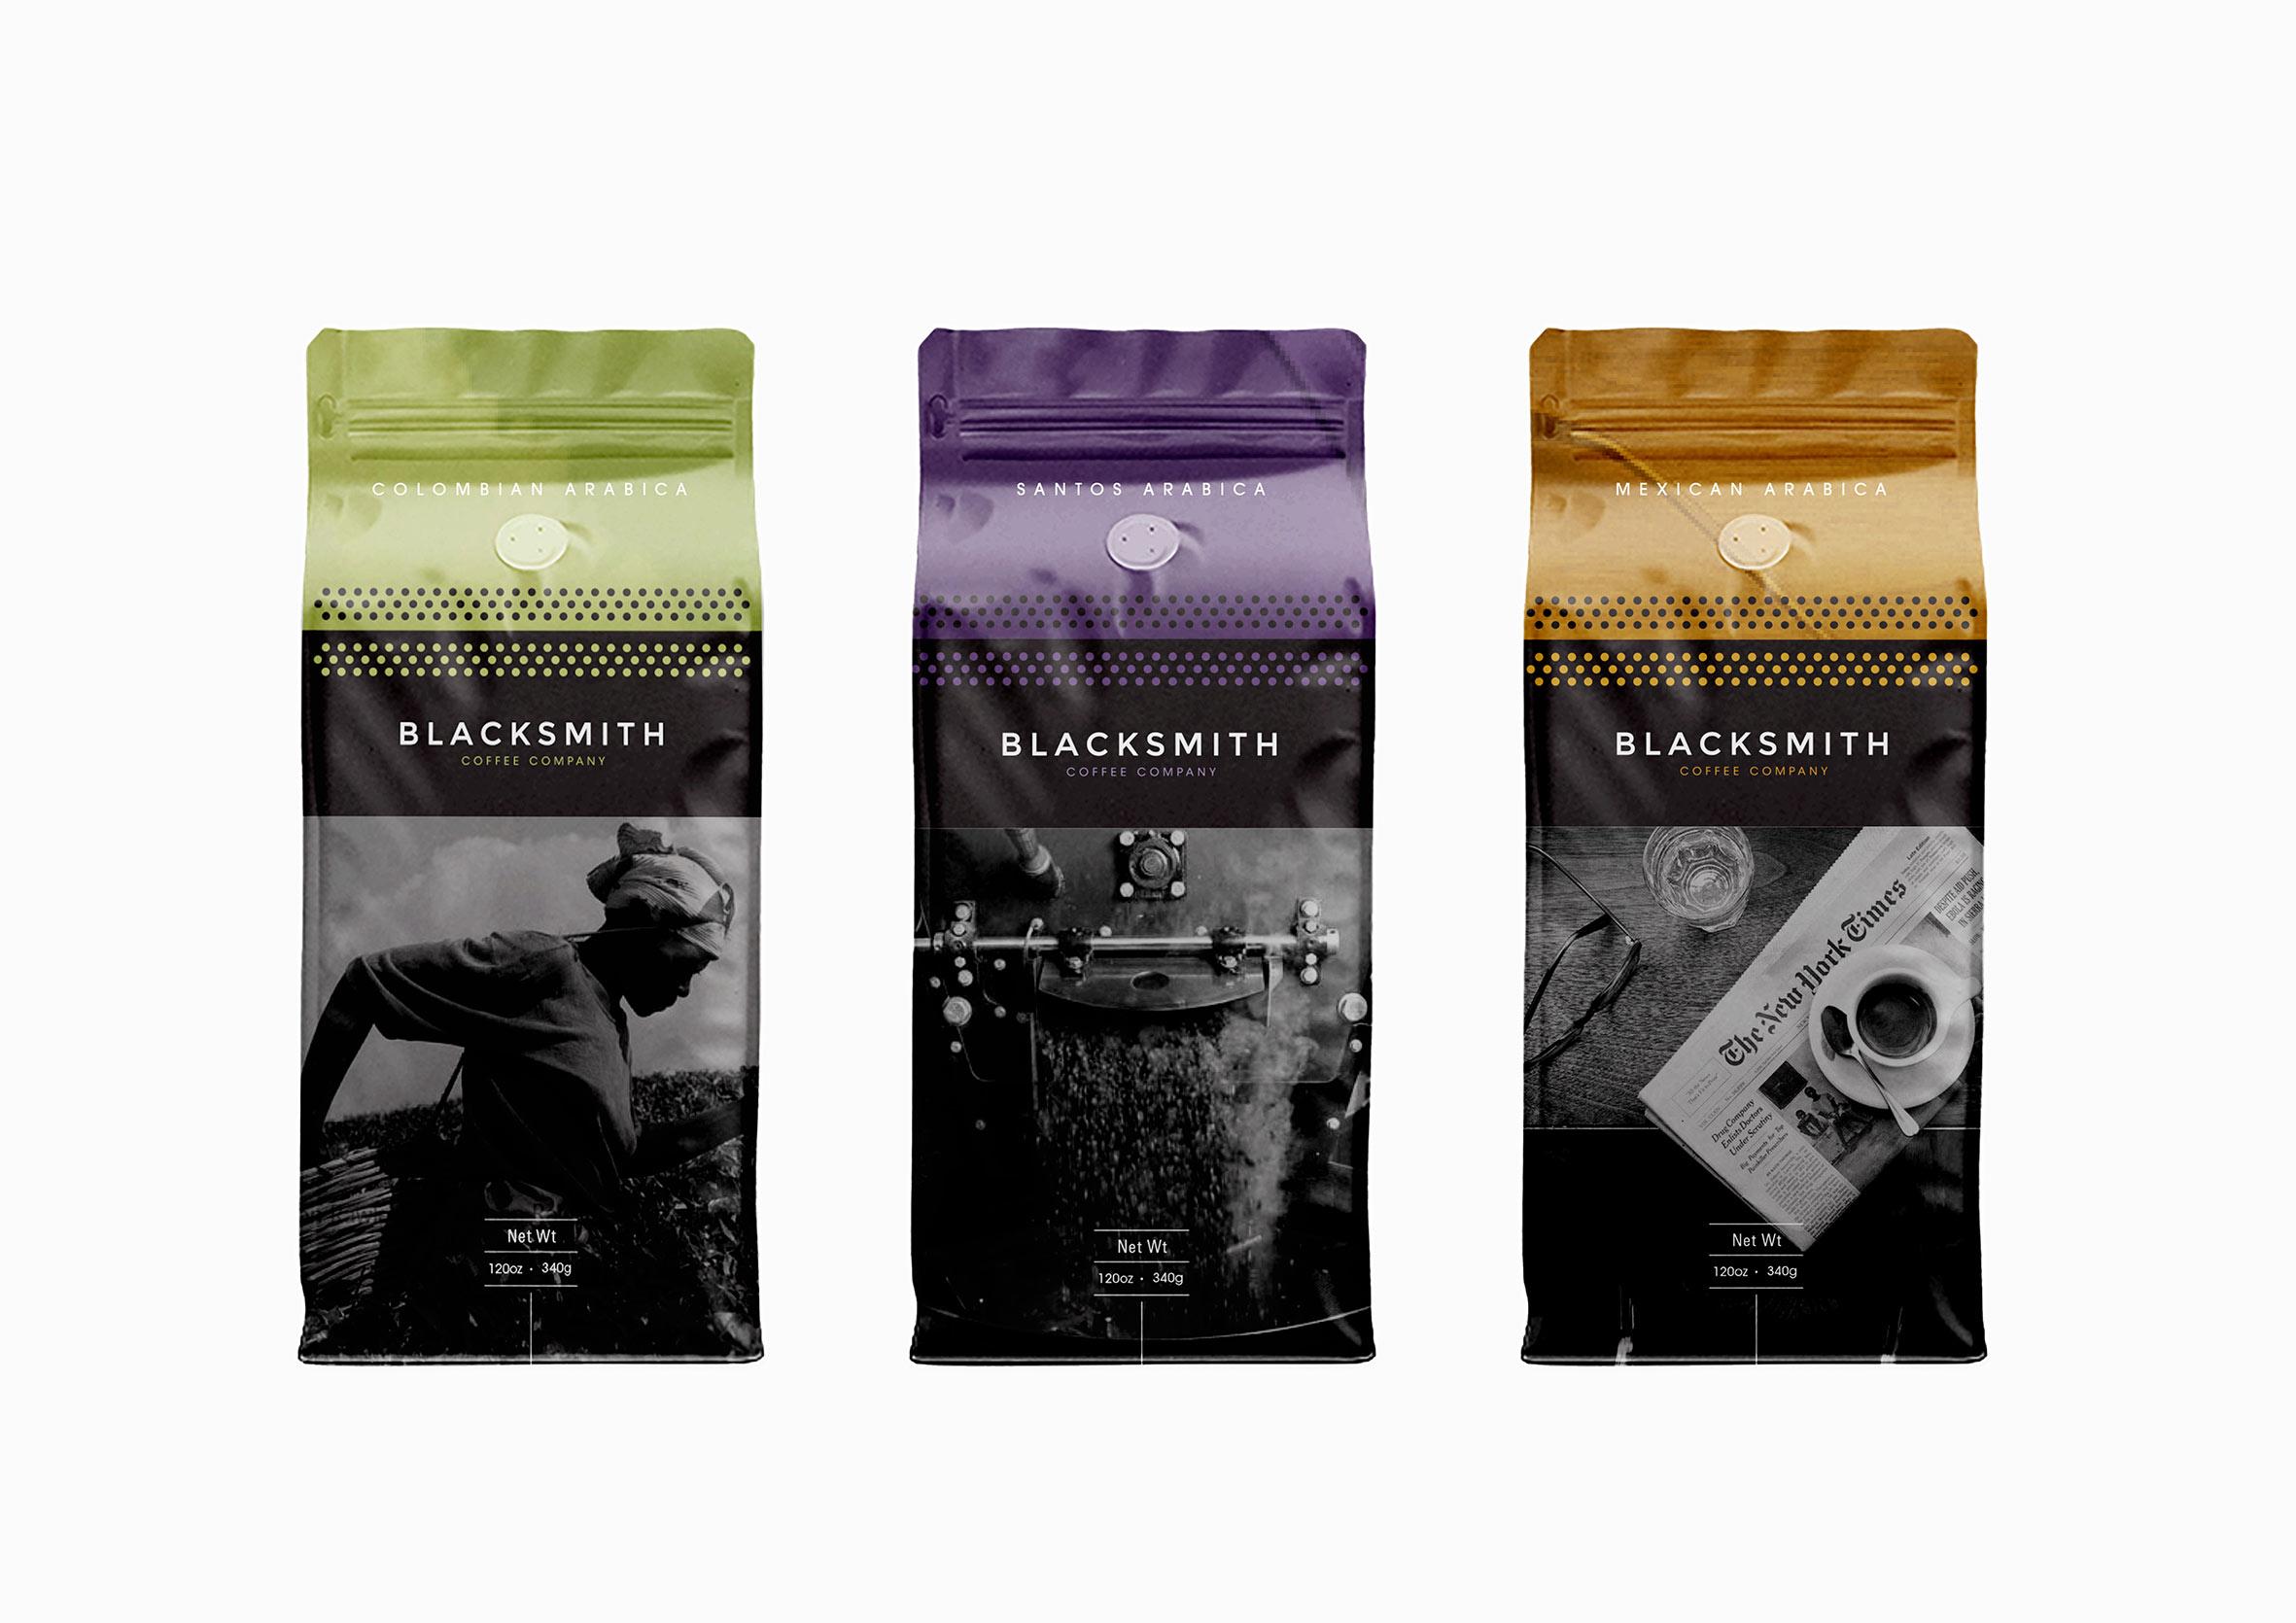 Blacksmith-identite-branding-coffee-packaging-beans.jpg